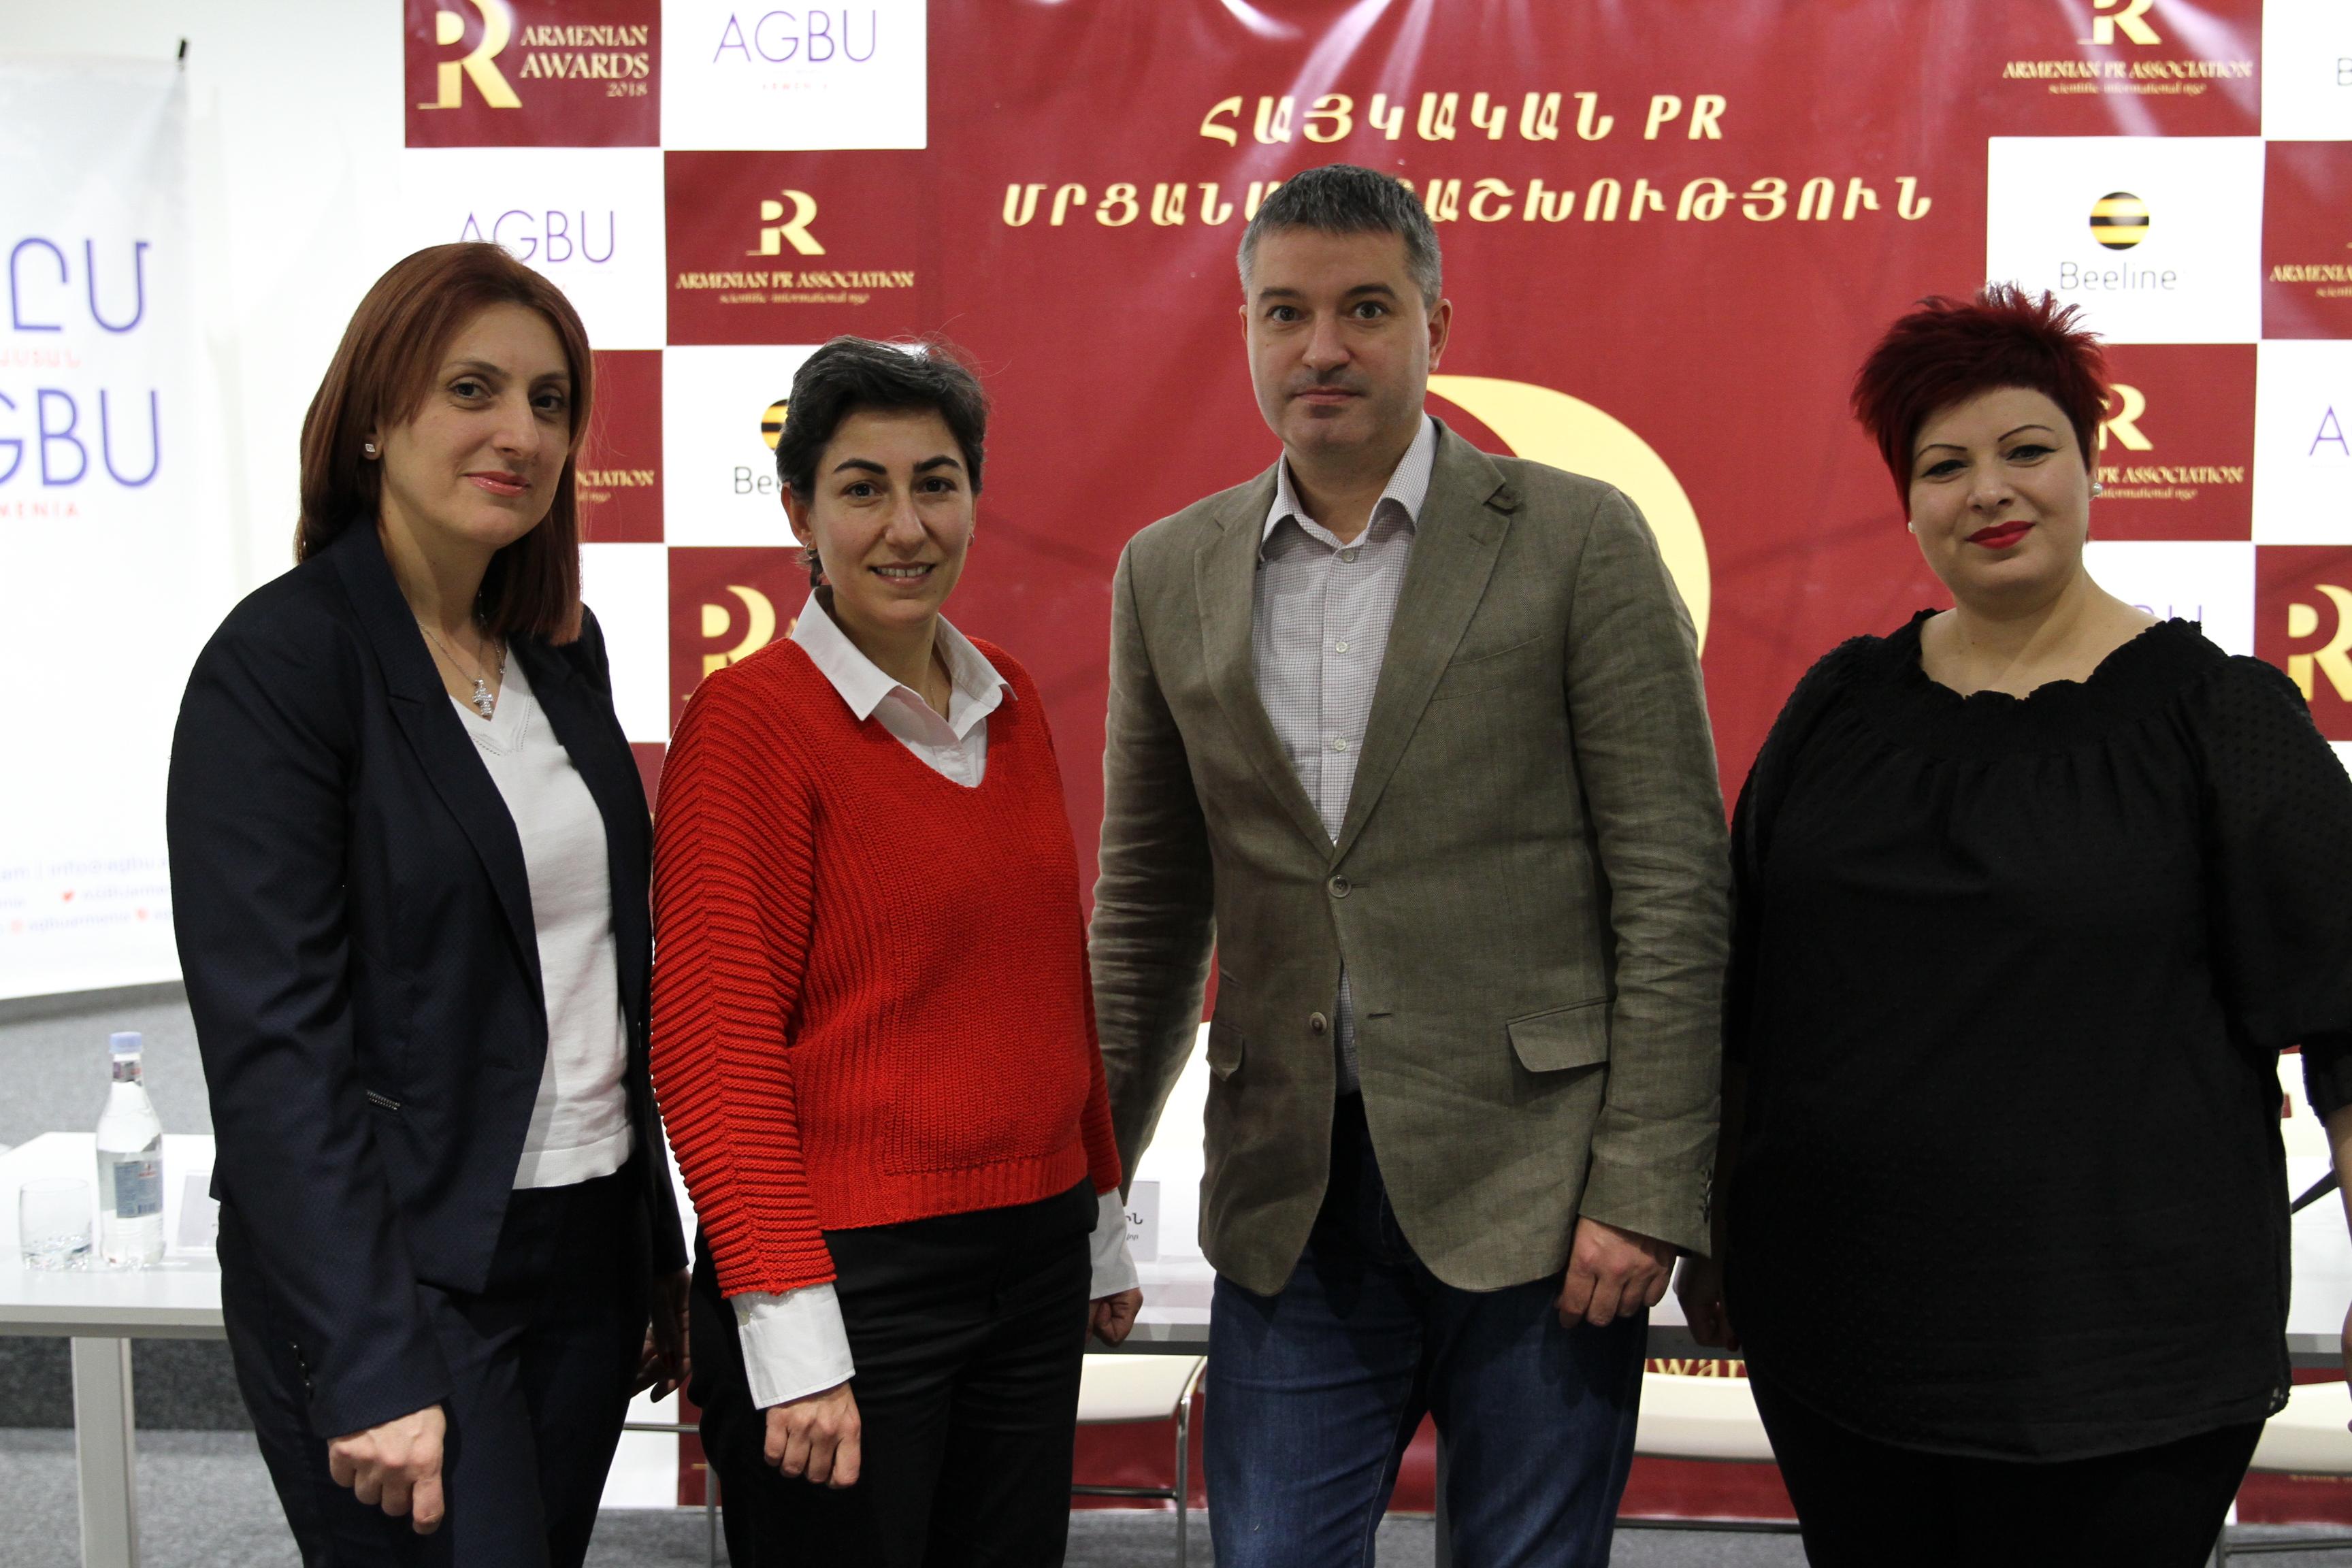 Beeline. Հայաստանի լավագույն  PR մասնագետները կպարգևատրվեն երրորդ անգամ